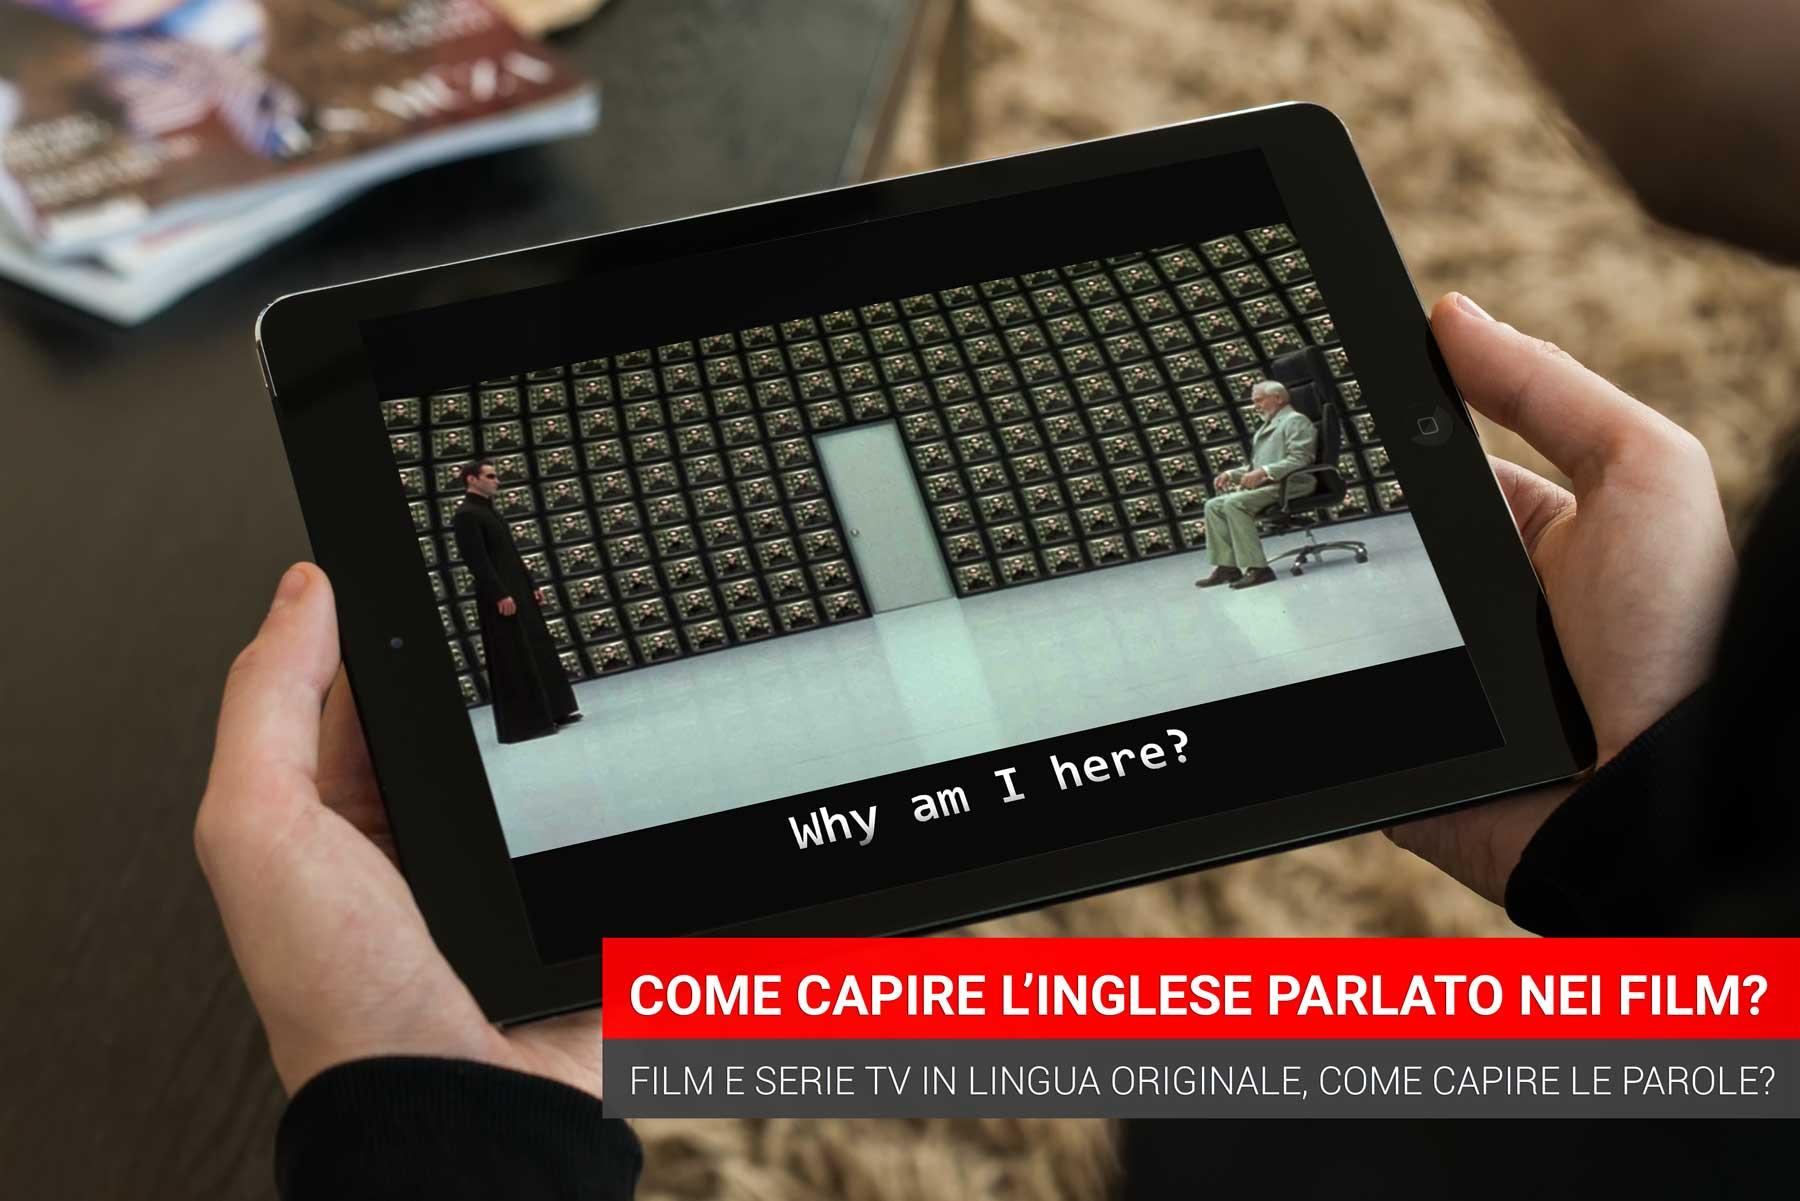 capire-film-inglese-lingua-originale